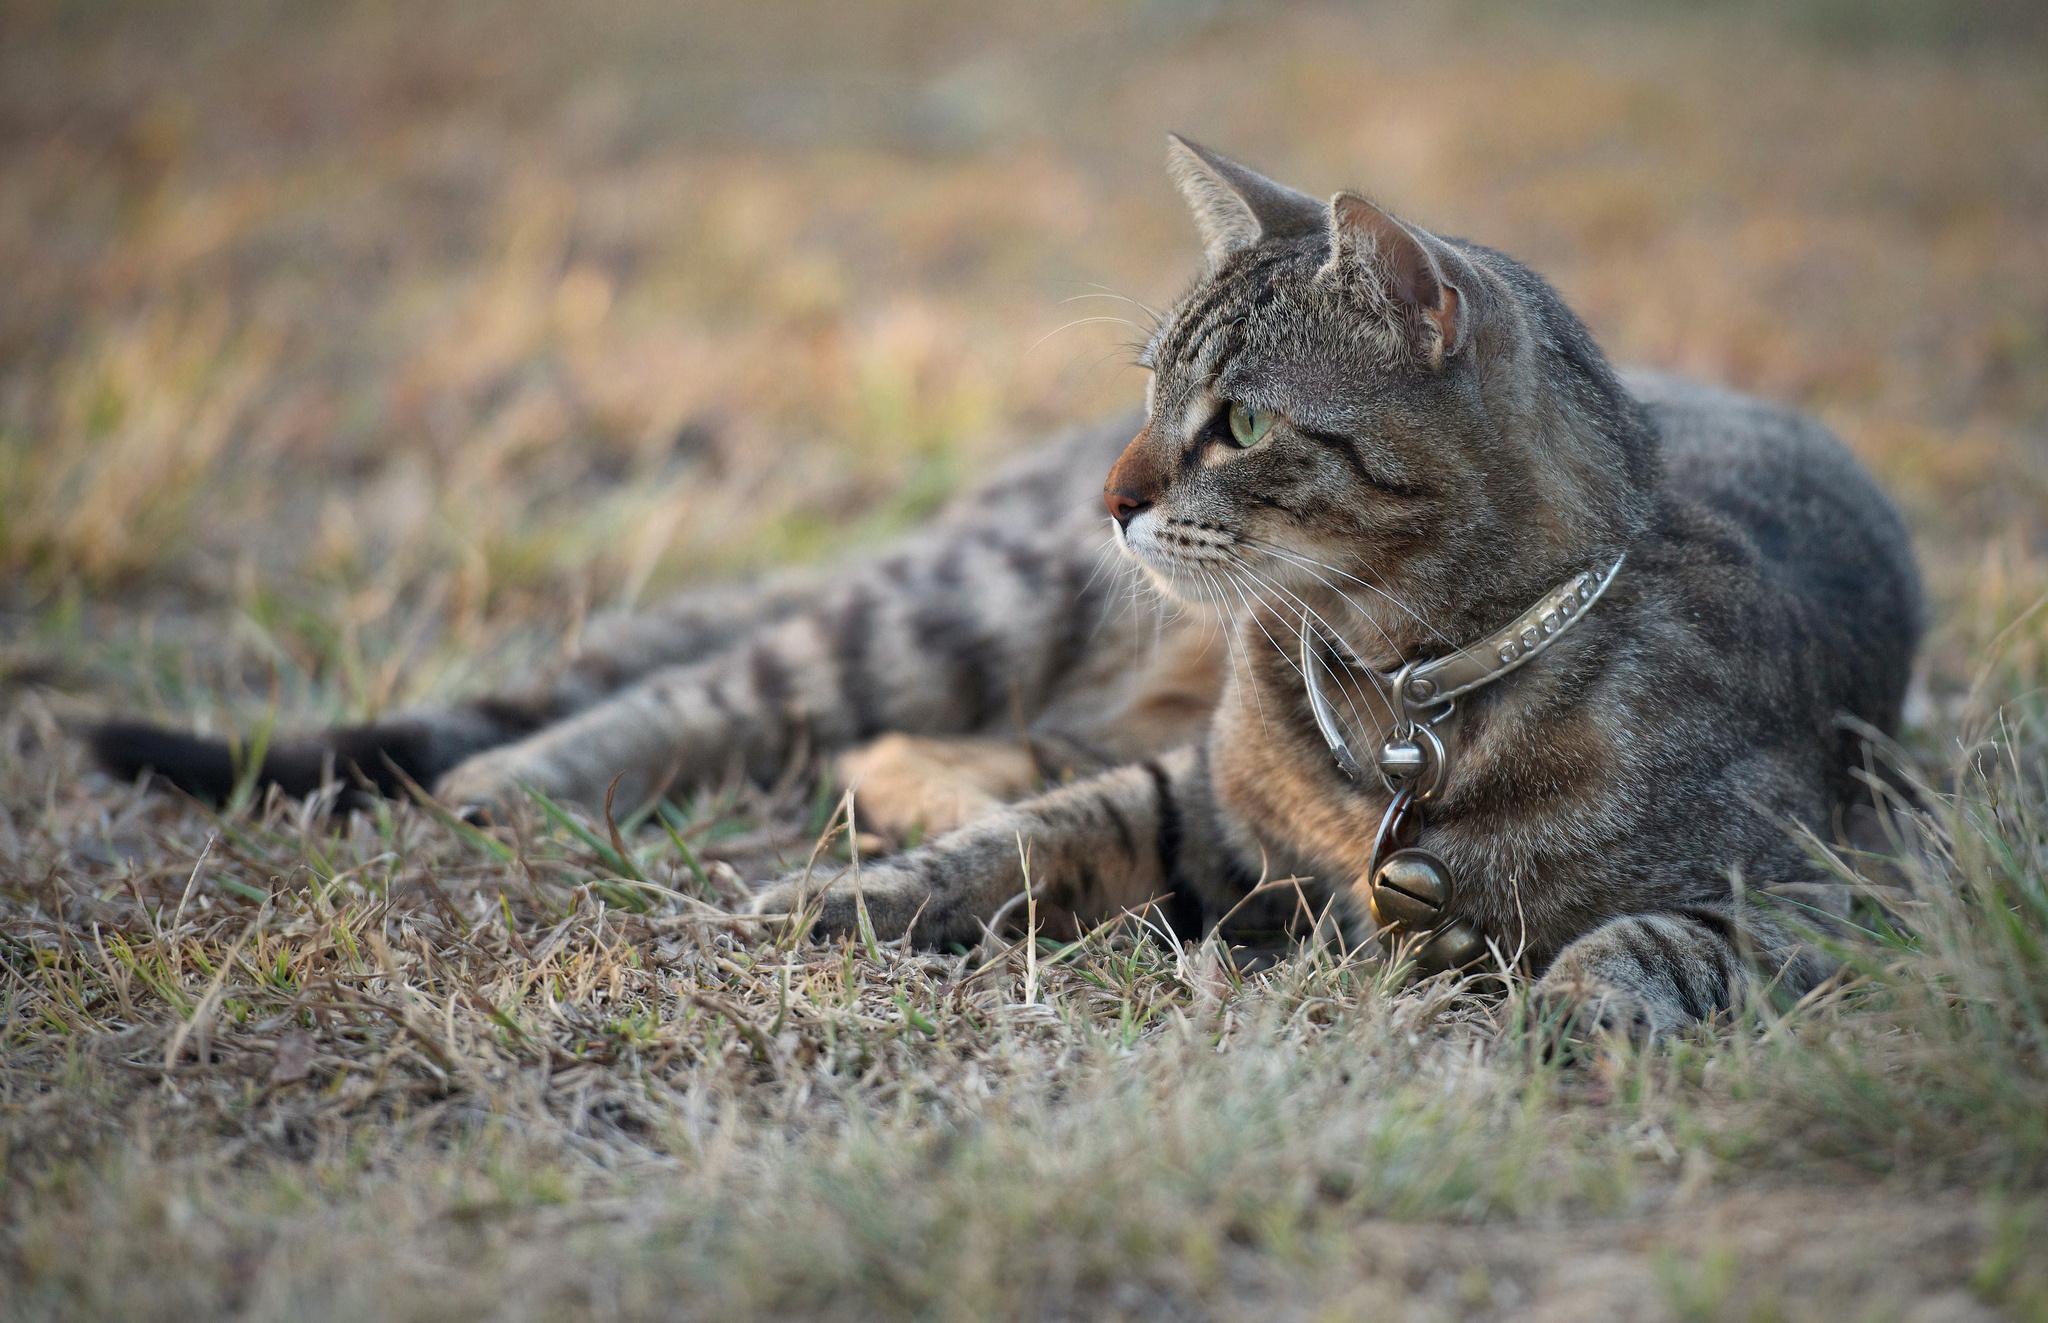 Картинка: Кошка, лежит, трава, смотрит, ошейник